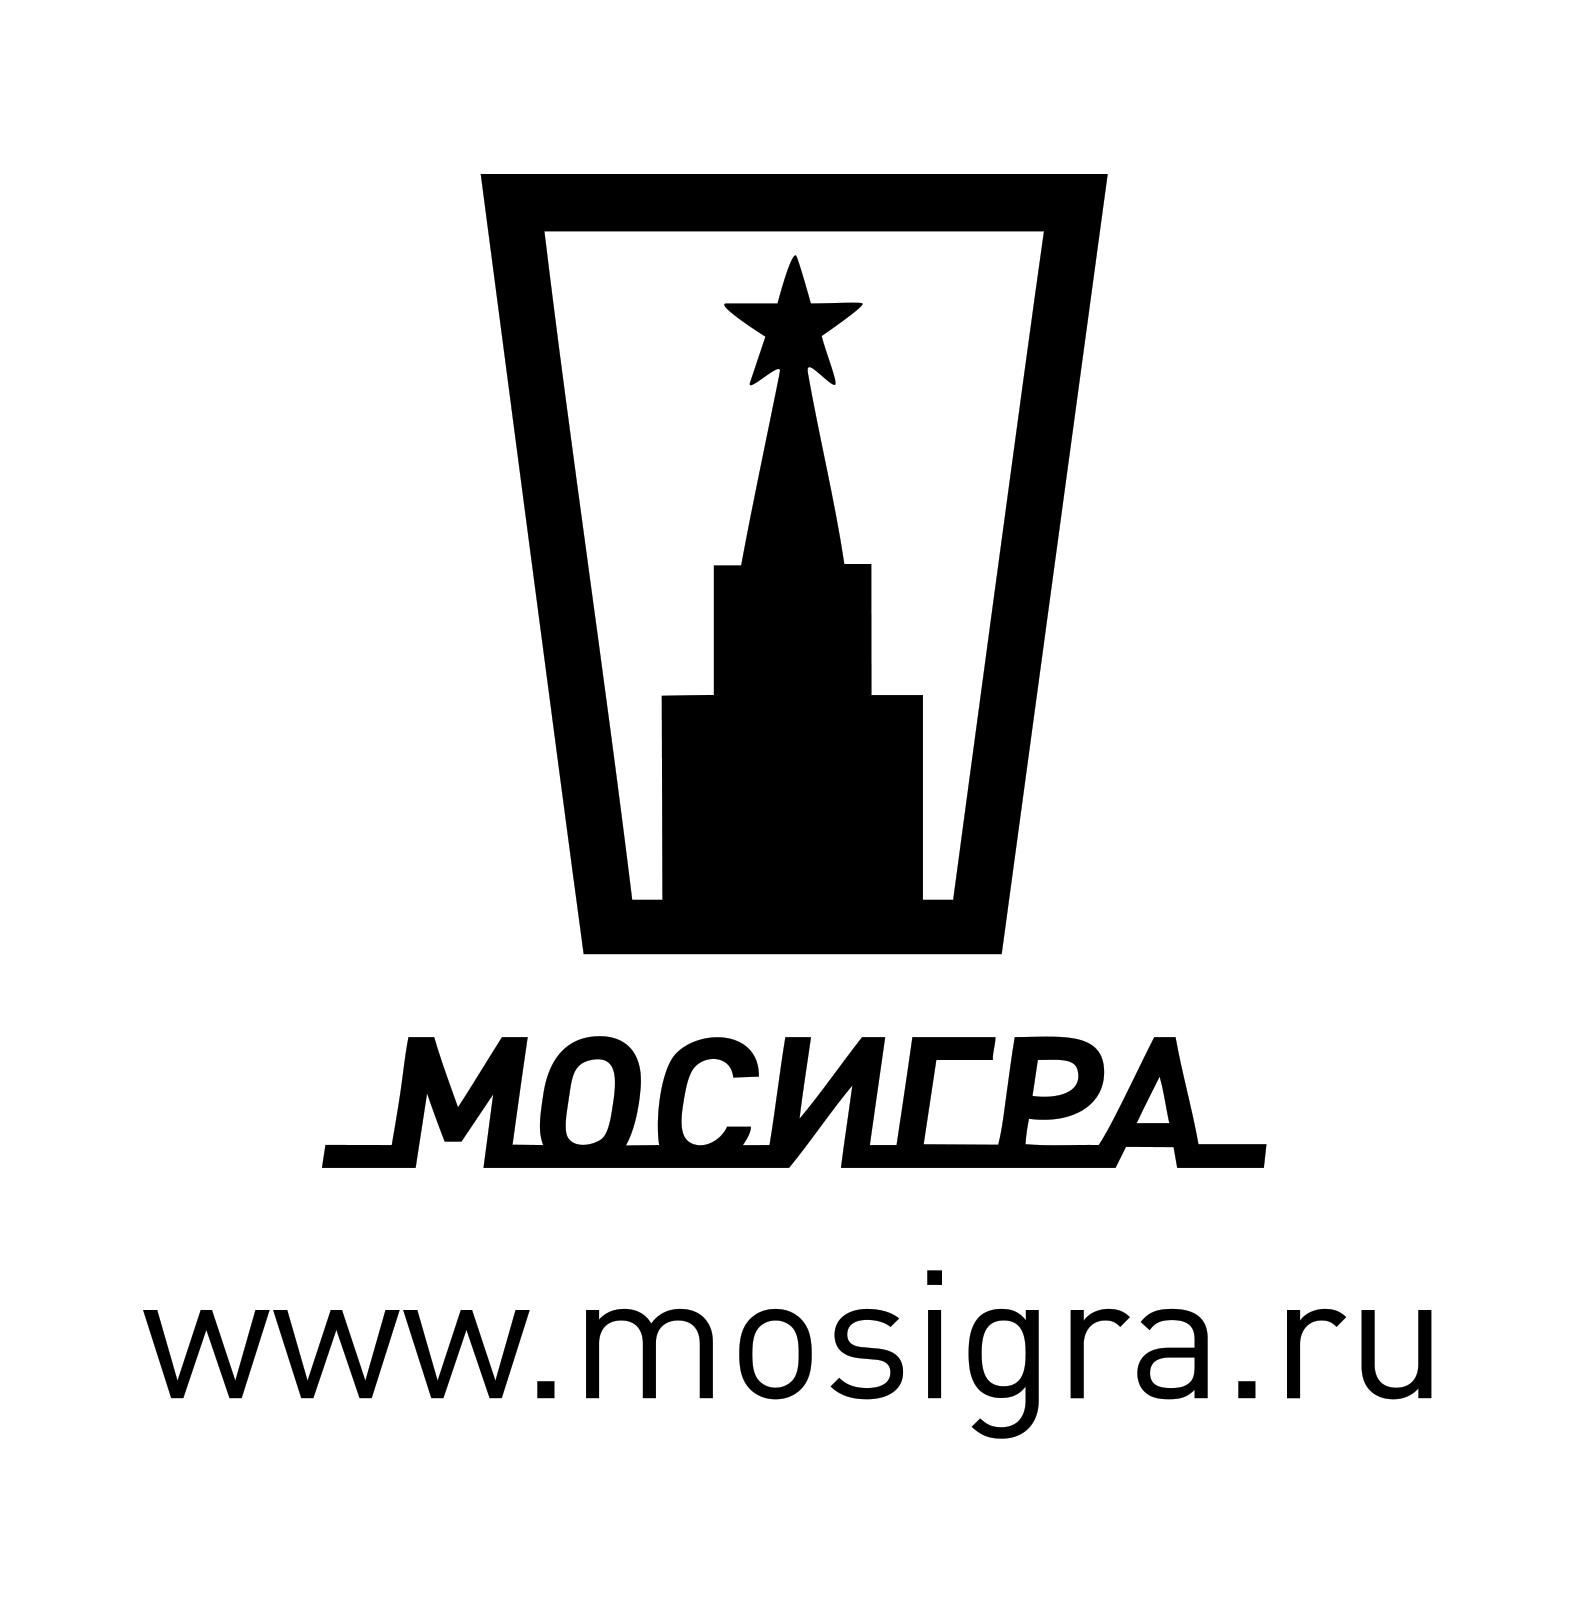 Мосигра